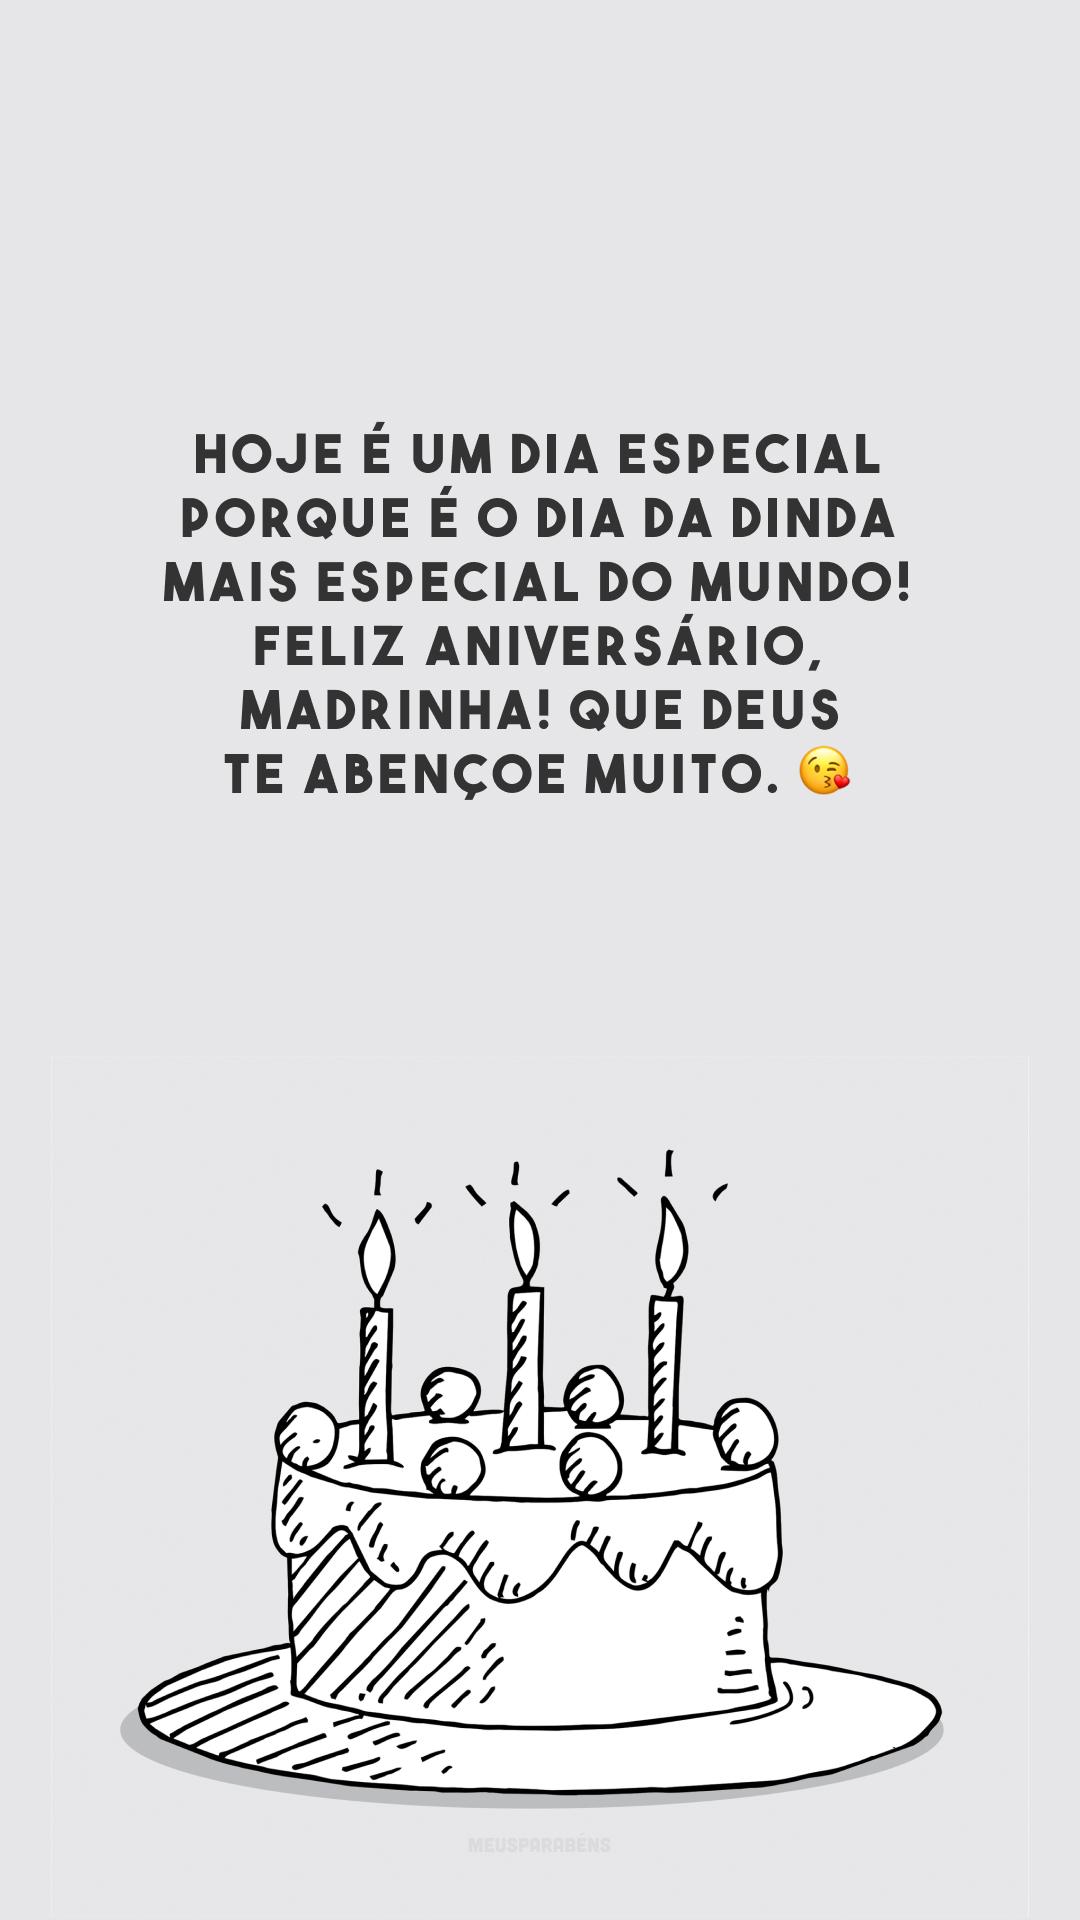 Hoje é um dia especial porque é o dia da dinda mais especial do mundo! Feliz aniversário, madrinha! Que Deus te abençoe muito. 😘